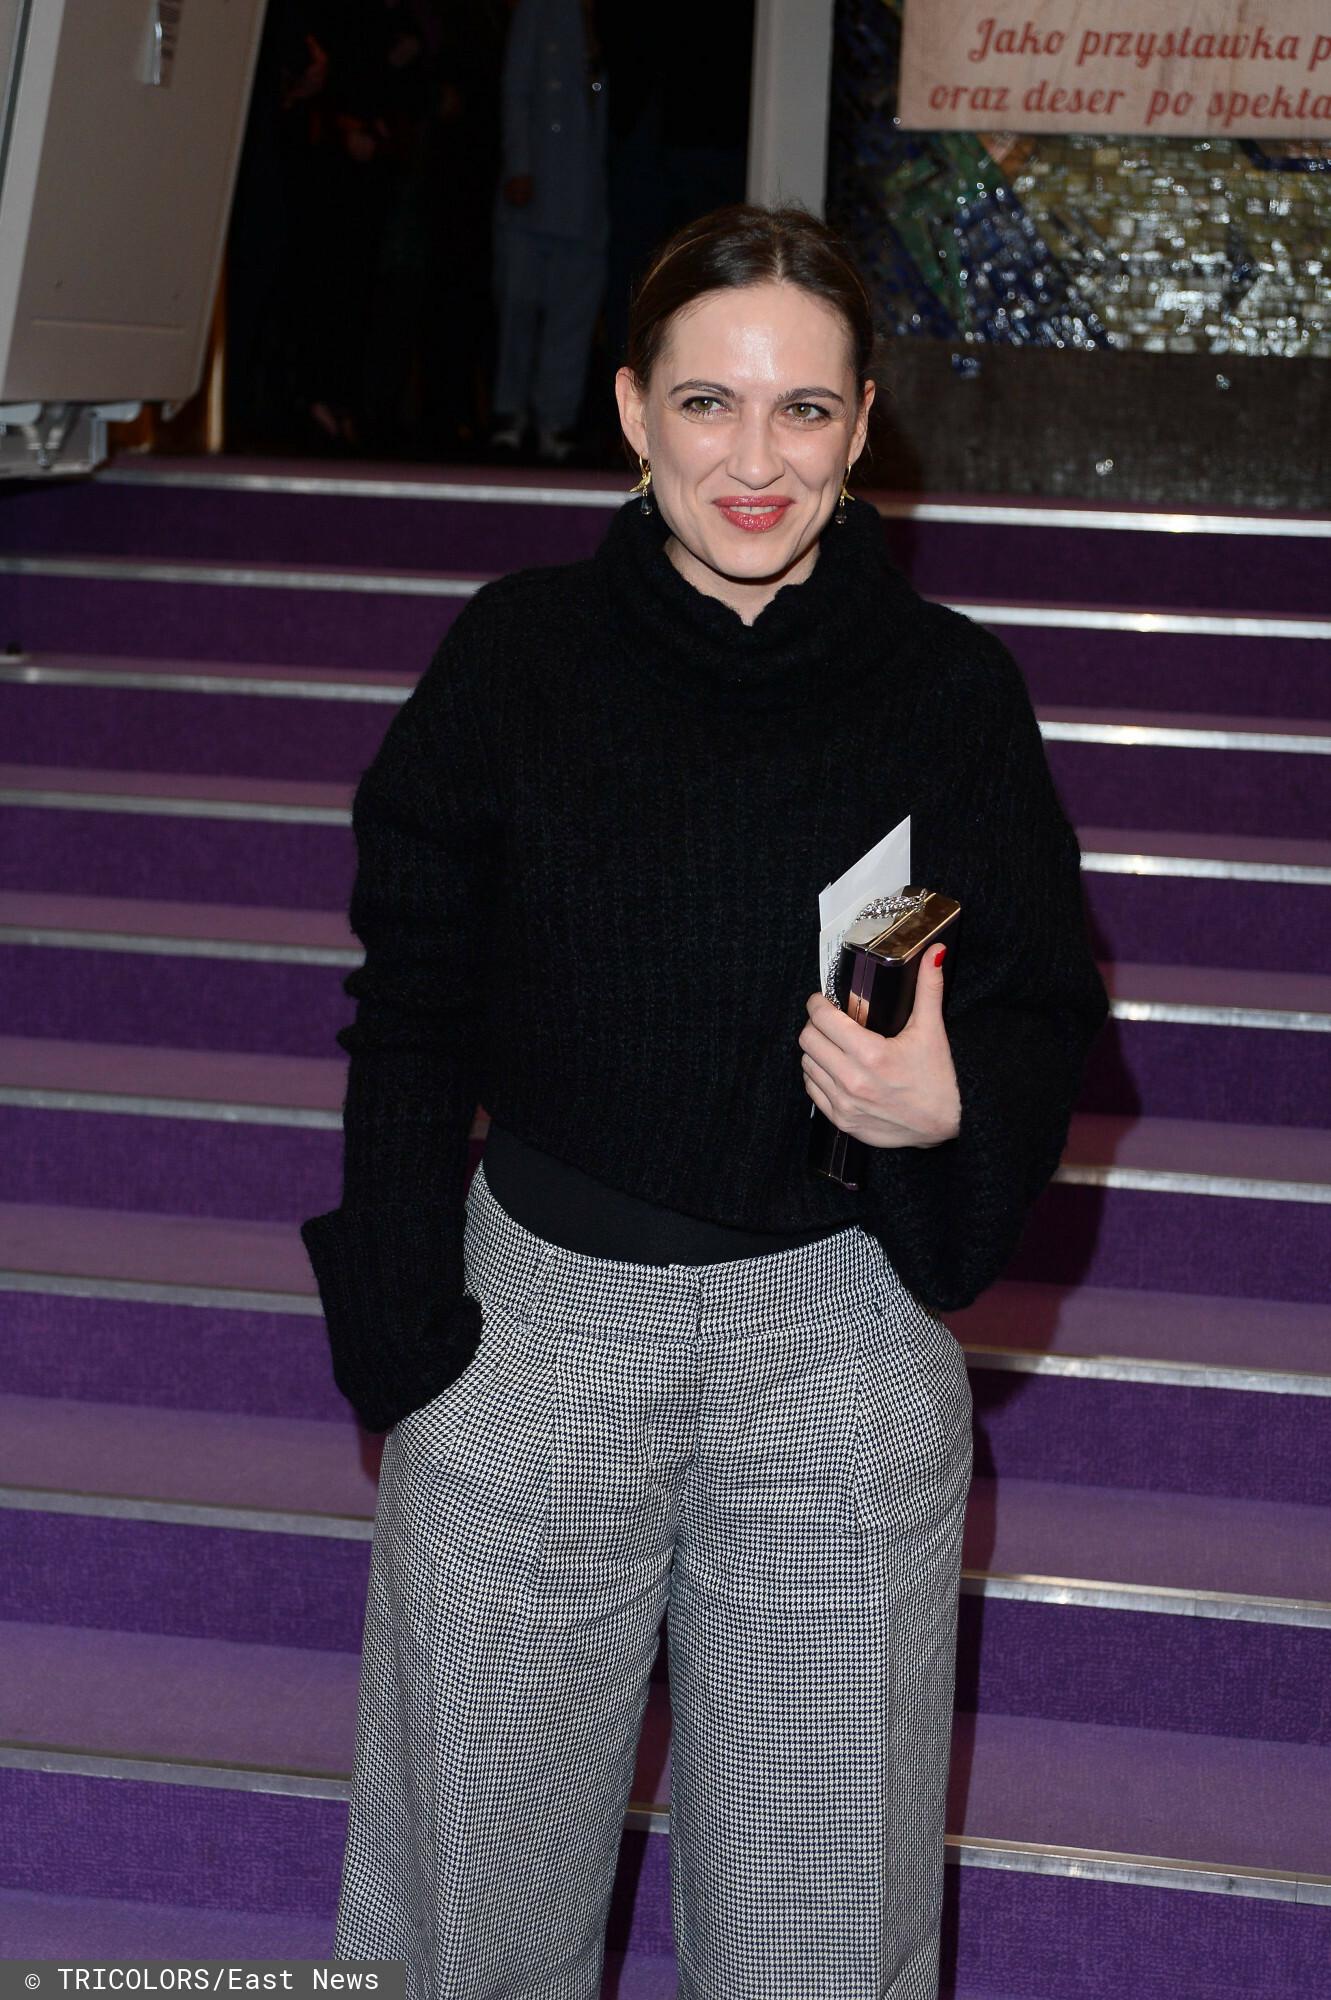 Anna Cieślak - ea